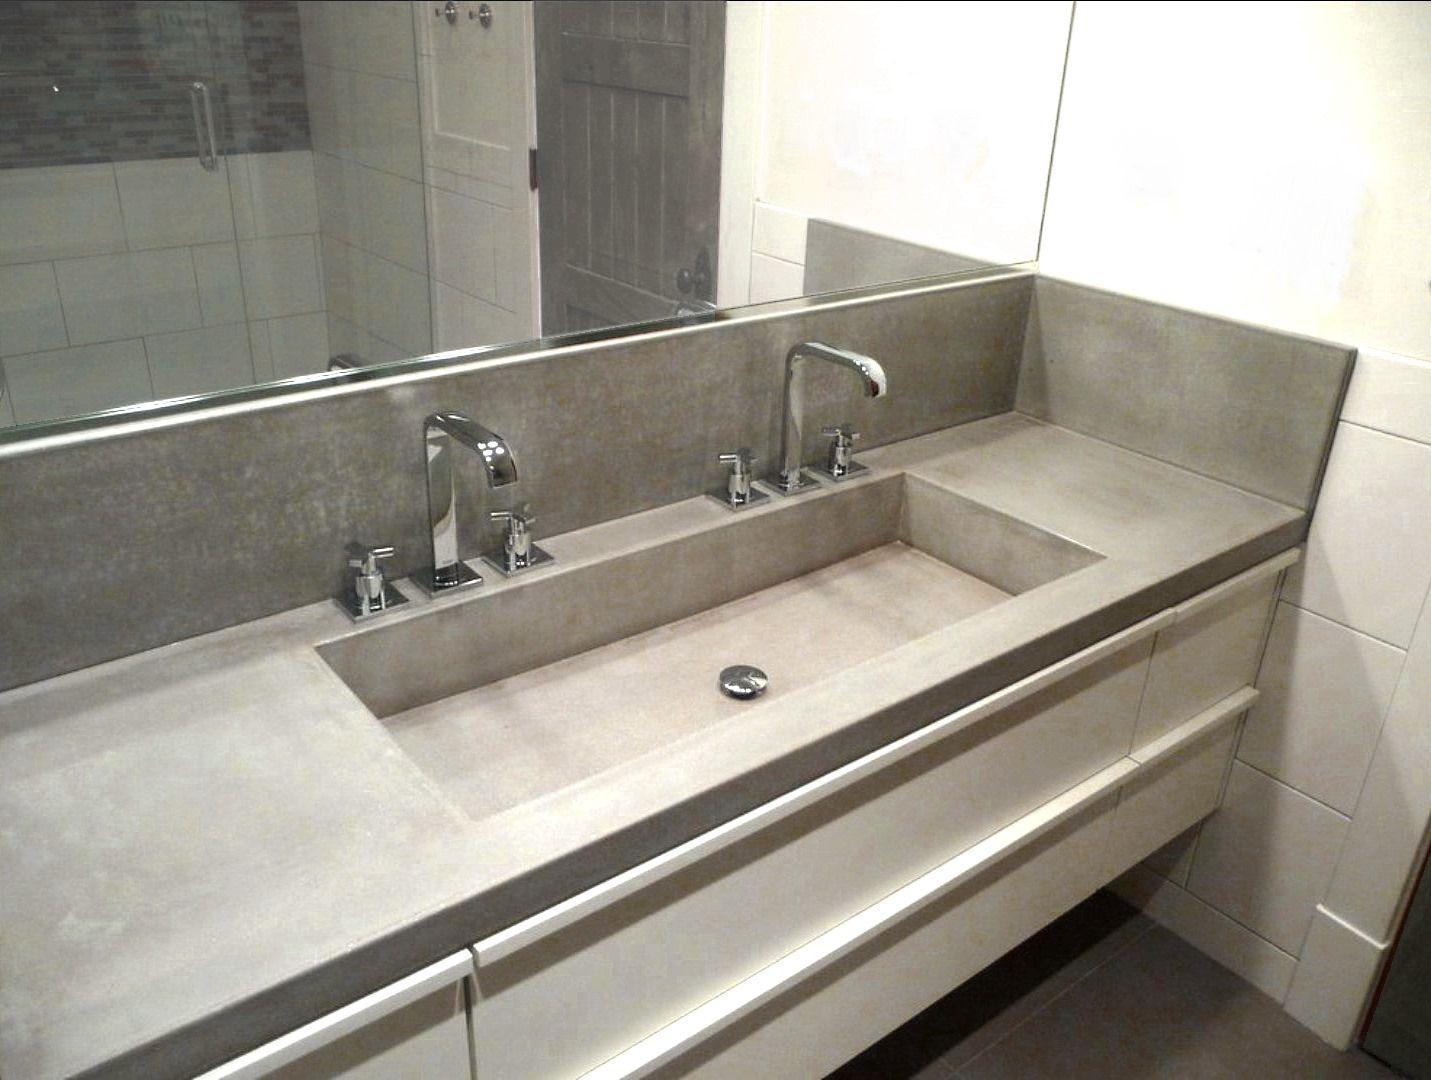 Vasque Salle De Bain Sur Plan De Travail idée salle de bain double évier - recherche google | idée